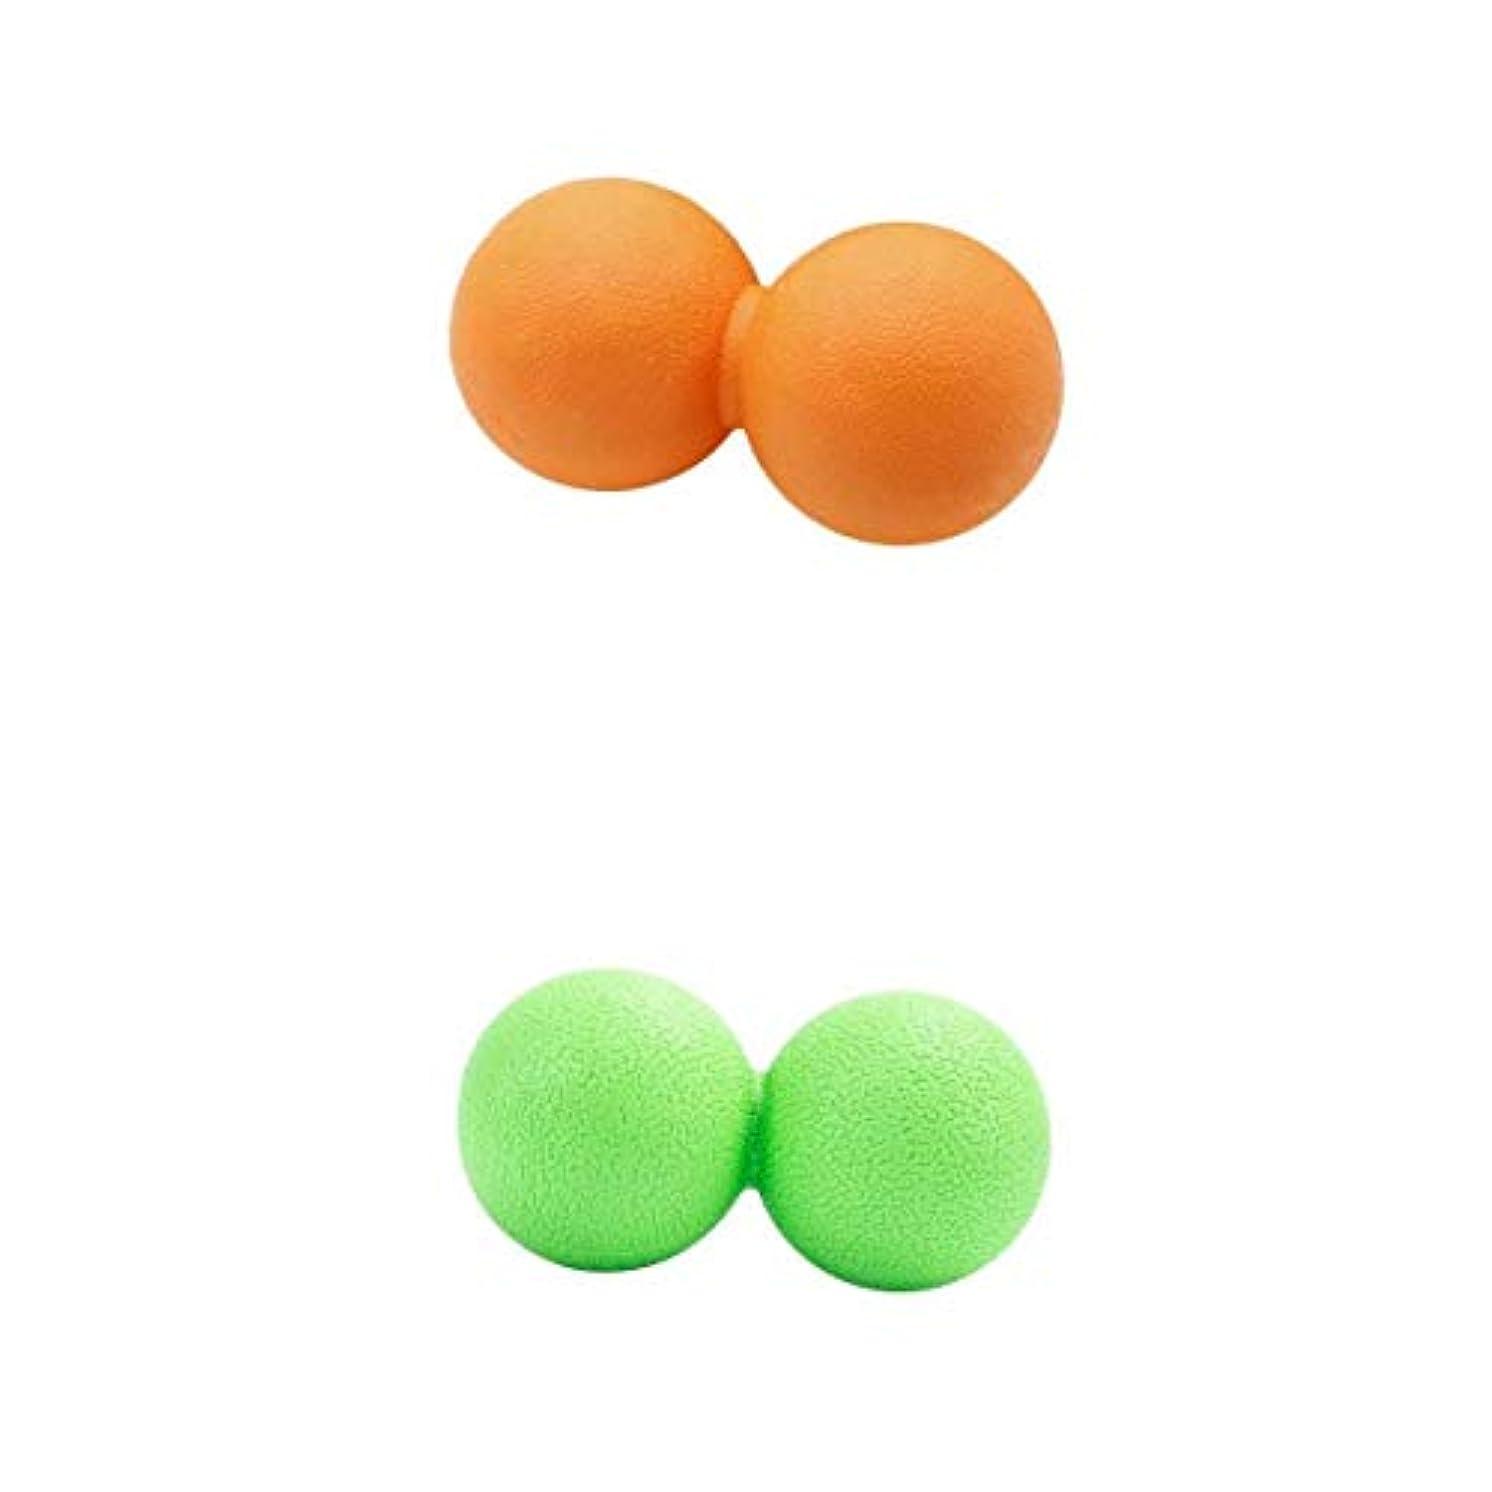 統合致命的な説明マッサージボール ピーナッツ型 筋膜リリース トリガーポイント ツボ押しグッズ 2個入